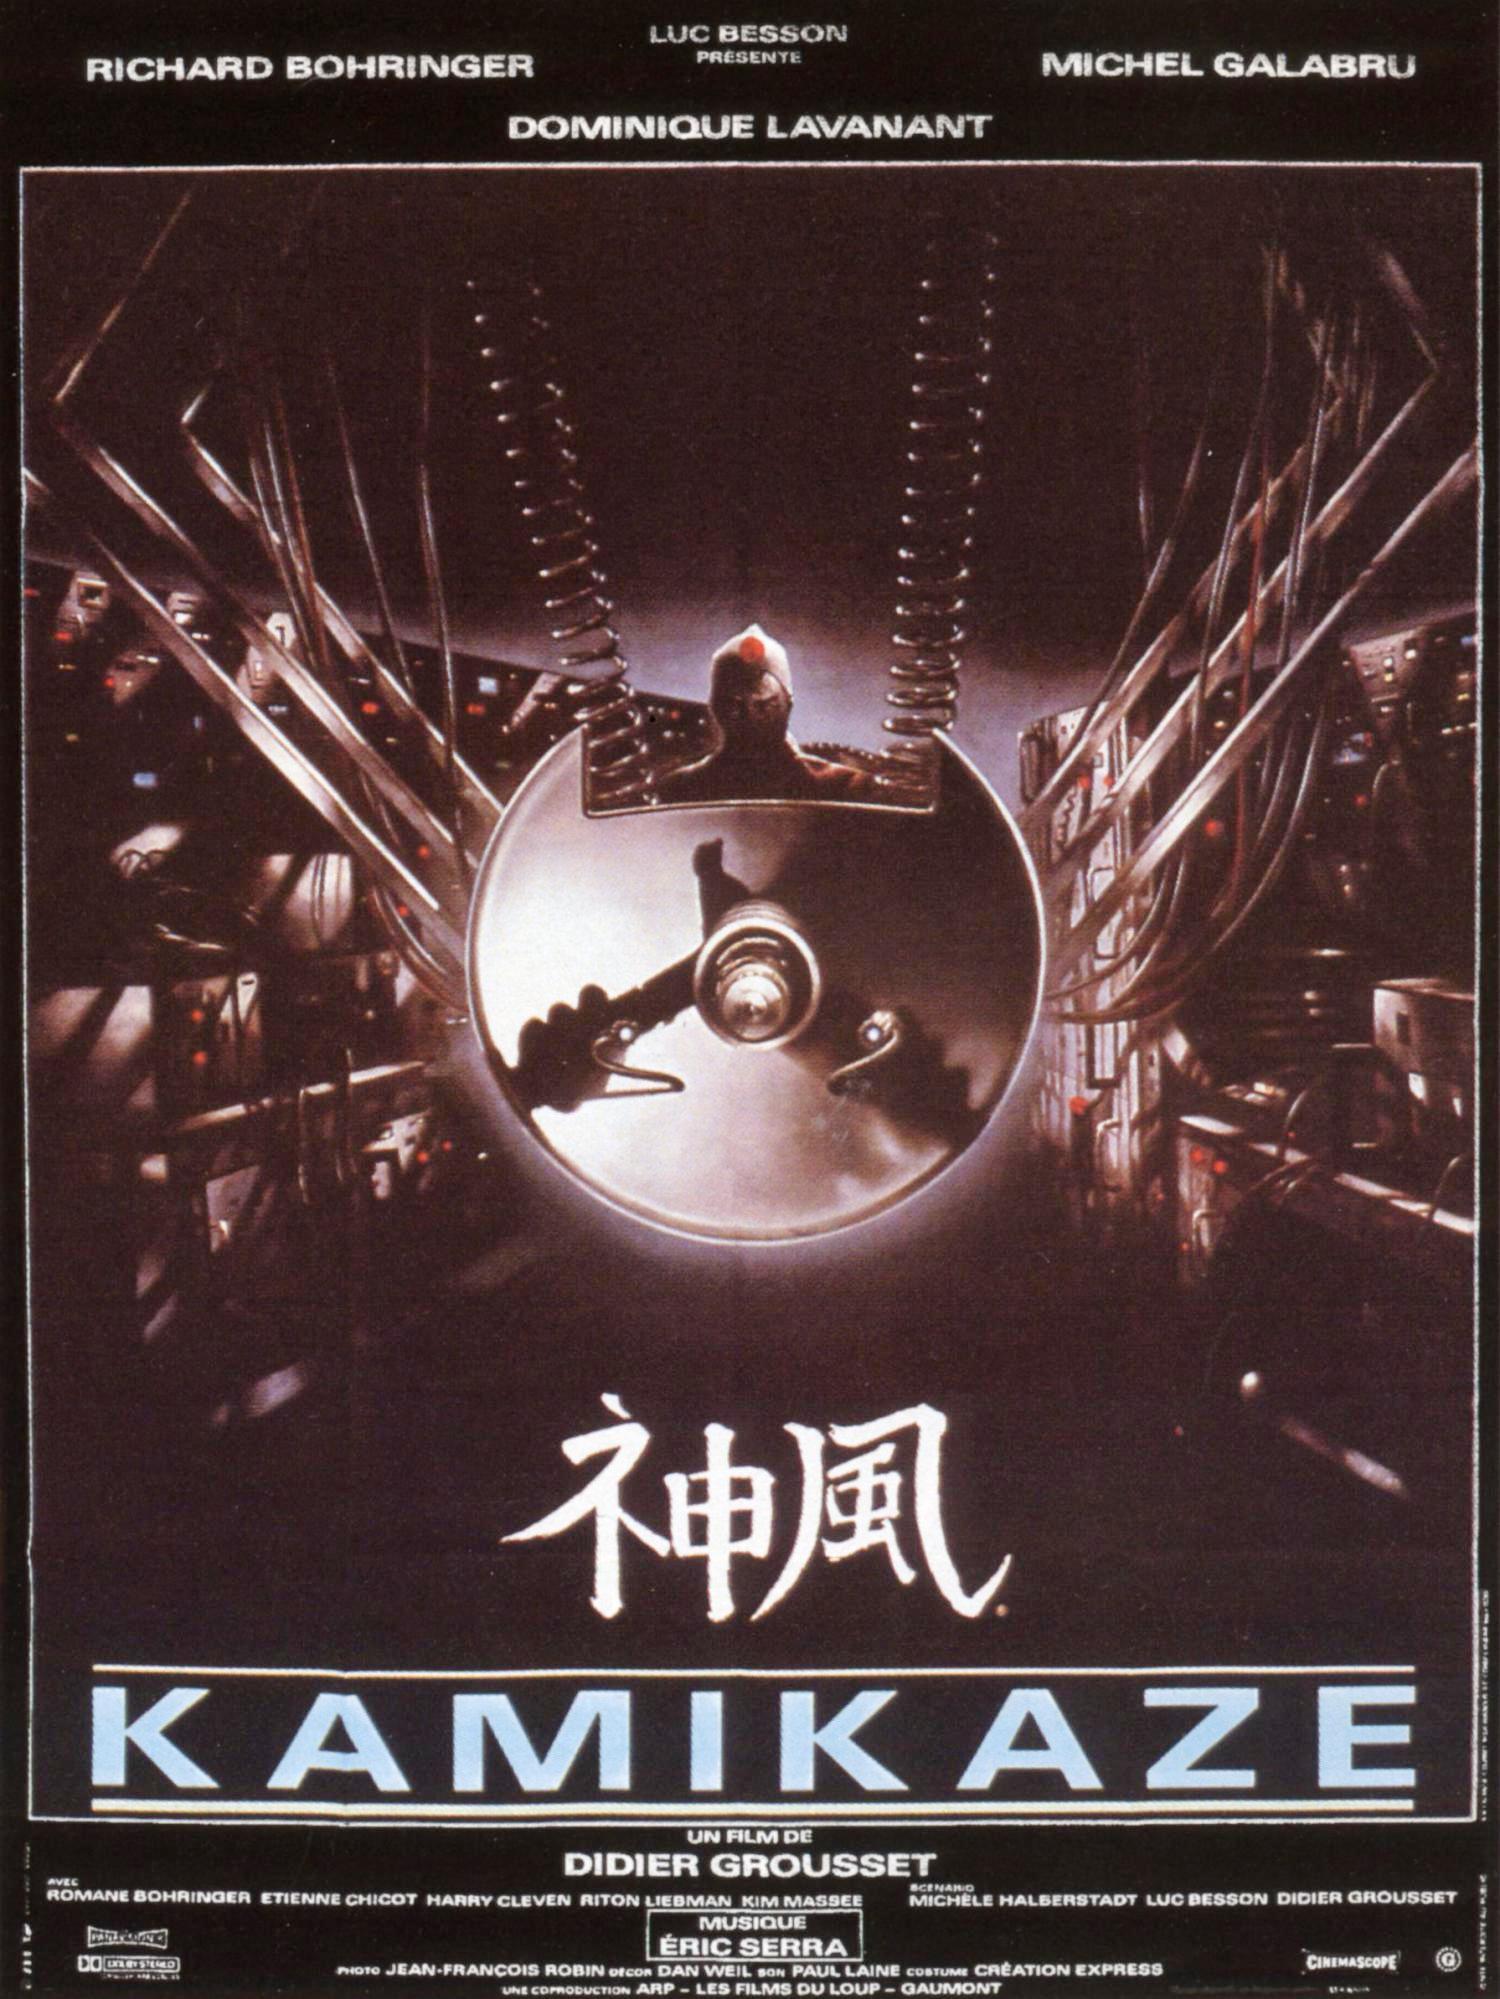 Télécharger Kamikaze VF Complet Uploaded